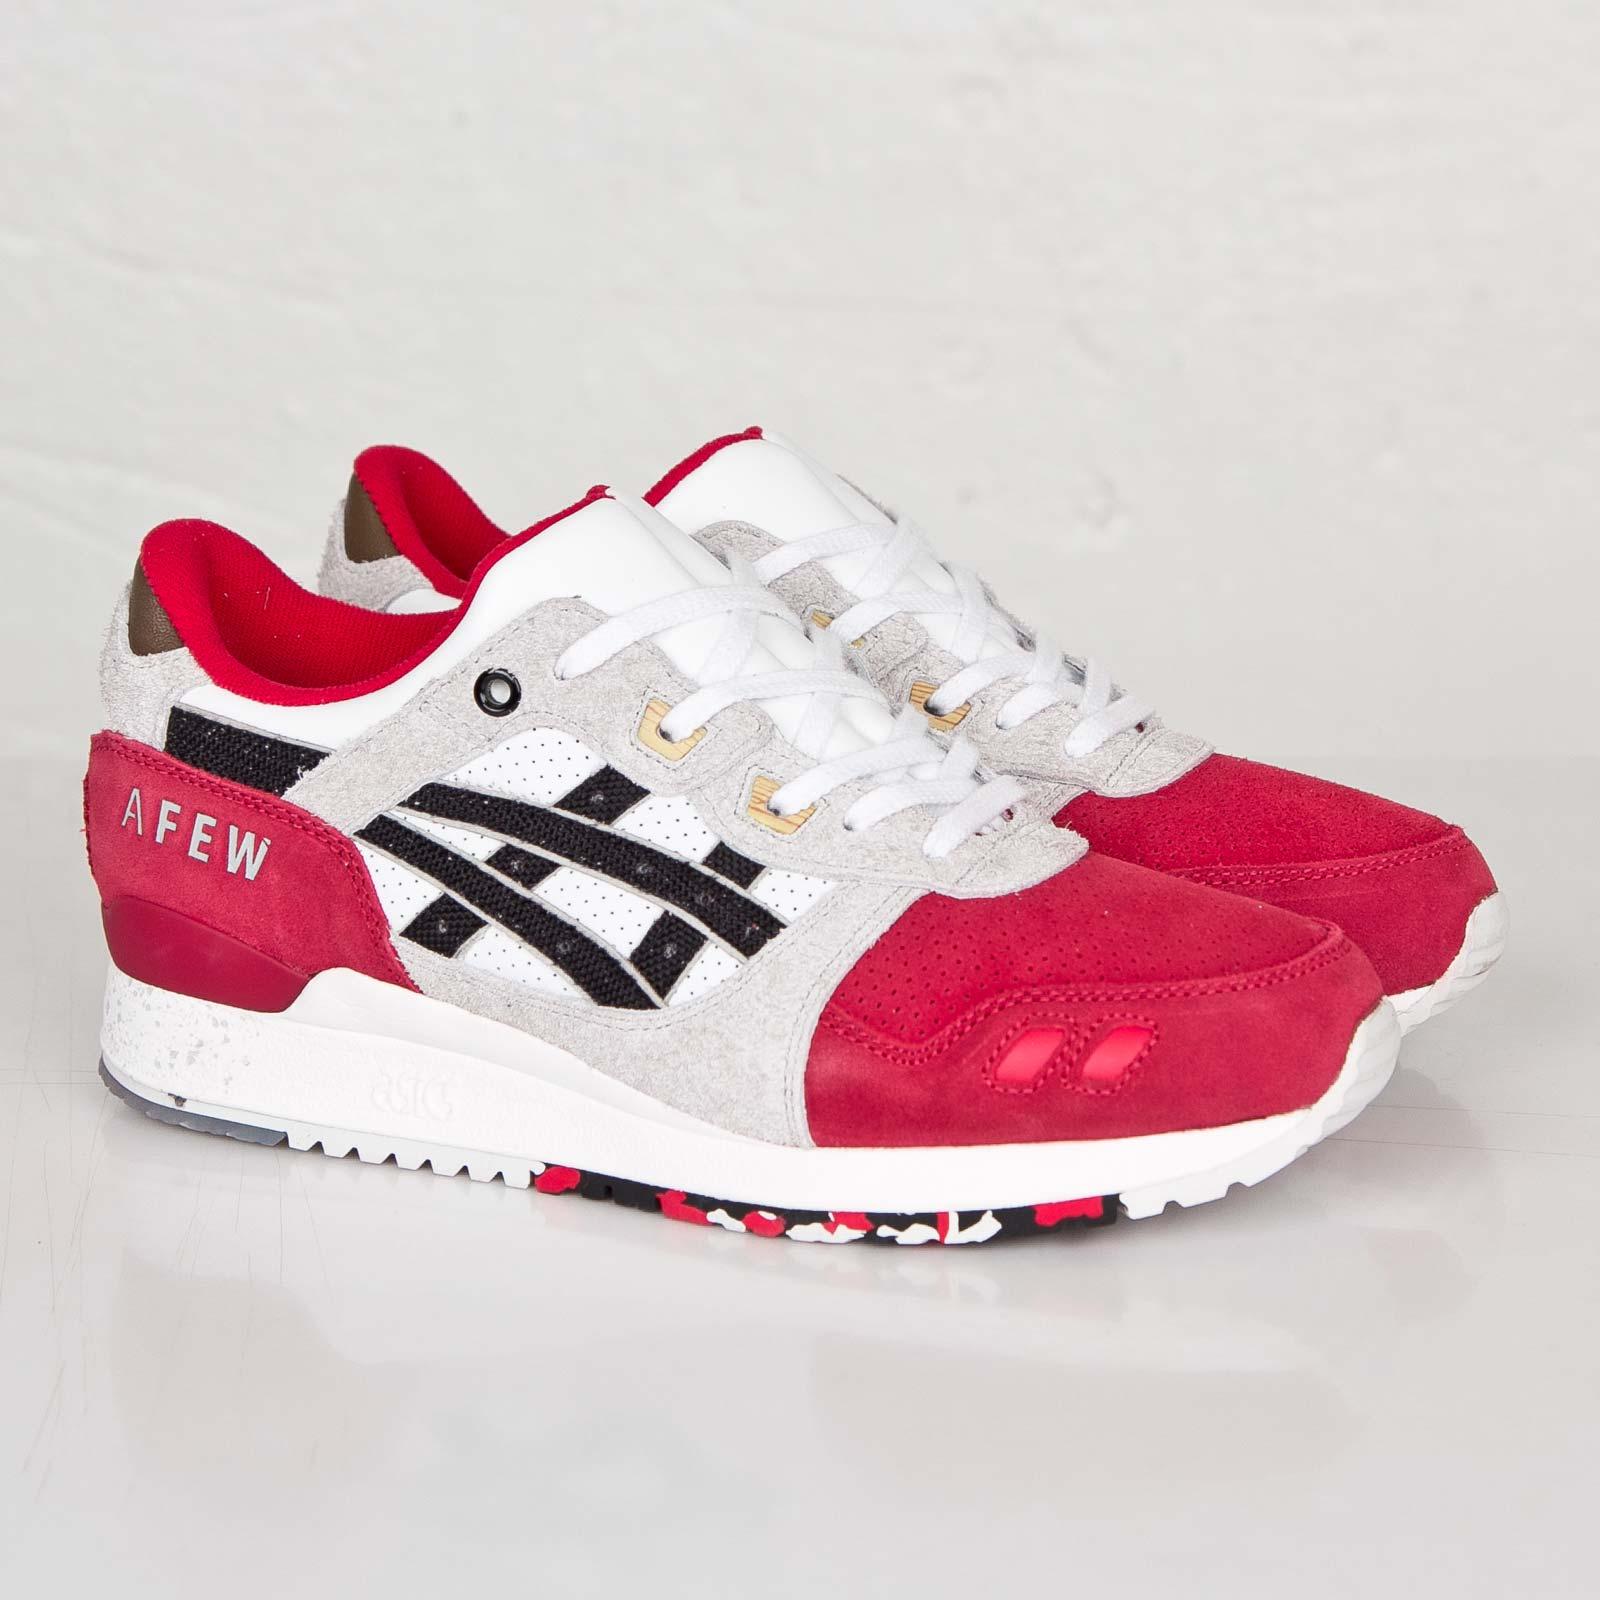 Gel Asics Lyte 0190 SneakersnstuffSneakers H51nk Tiger Iii QsdBhtrCx